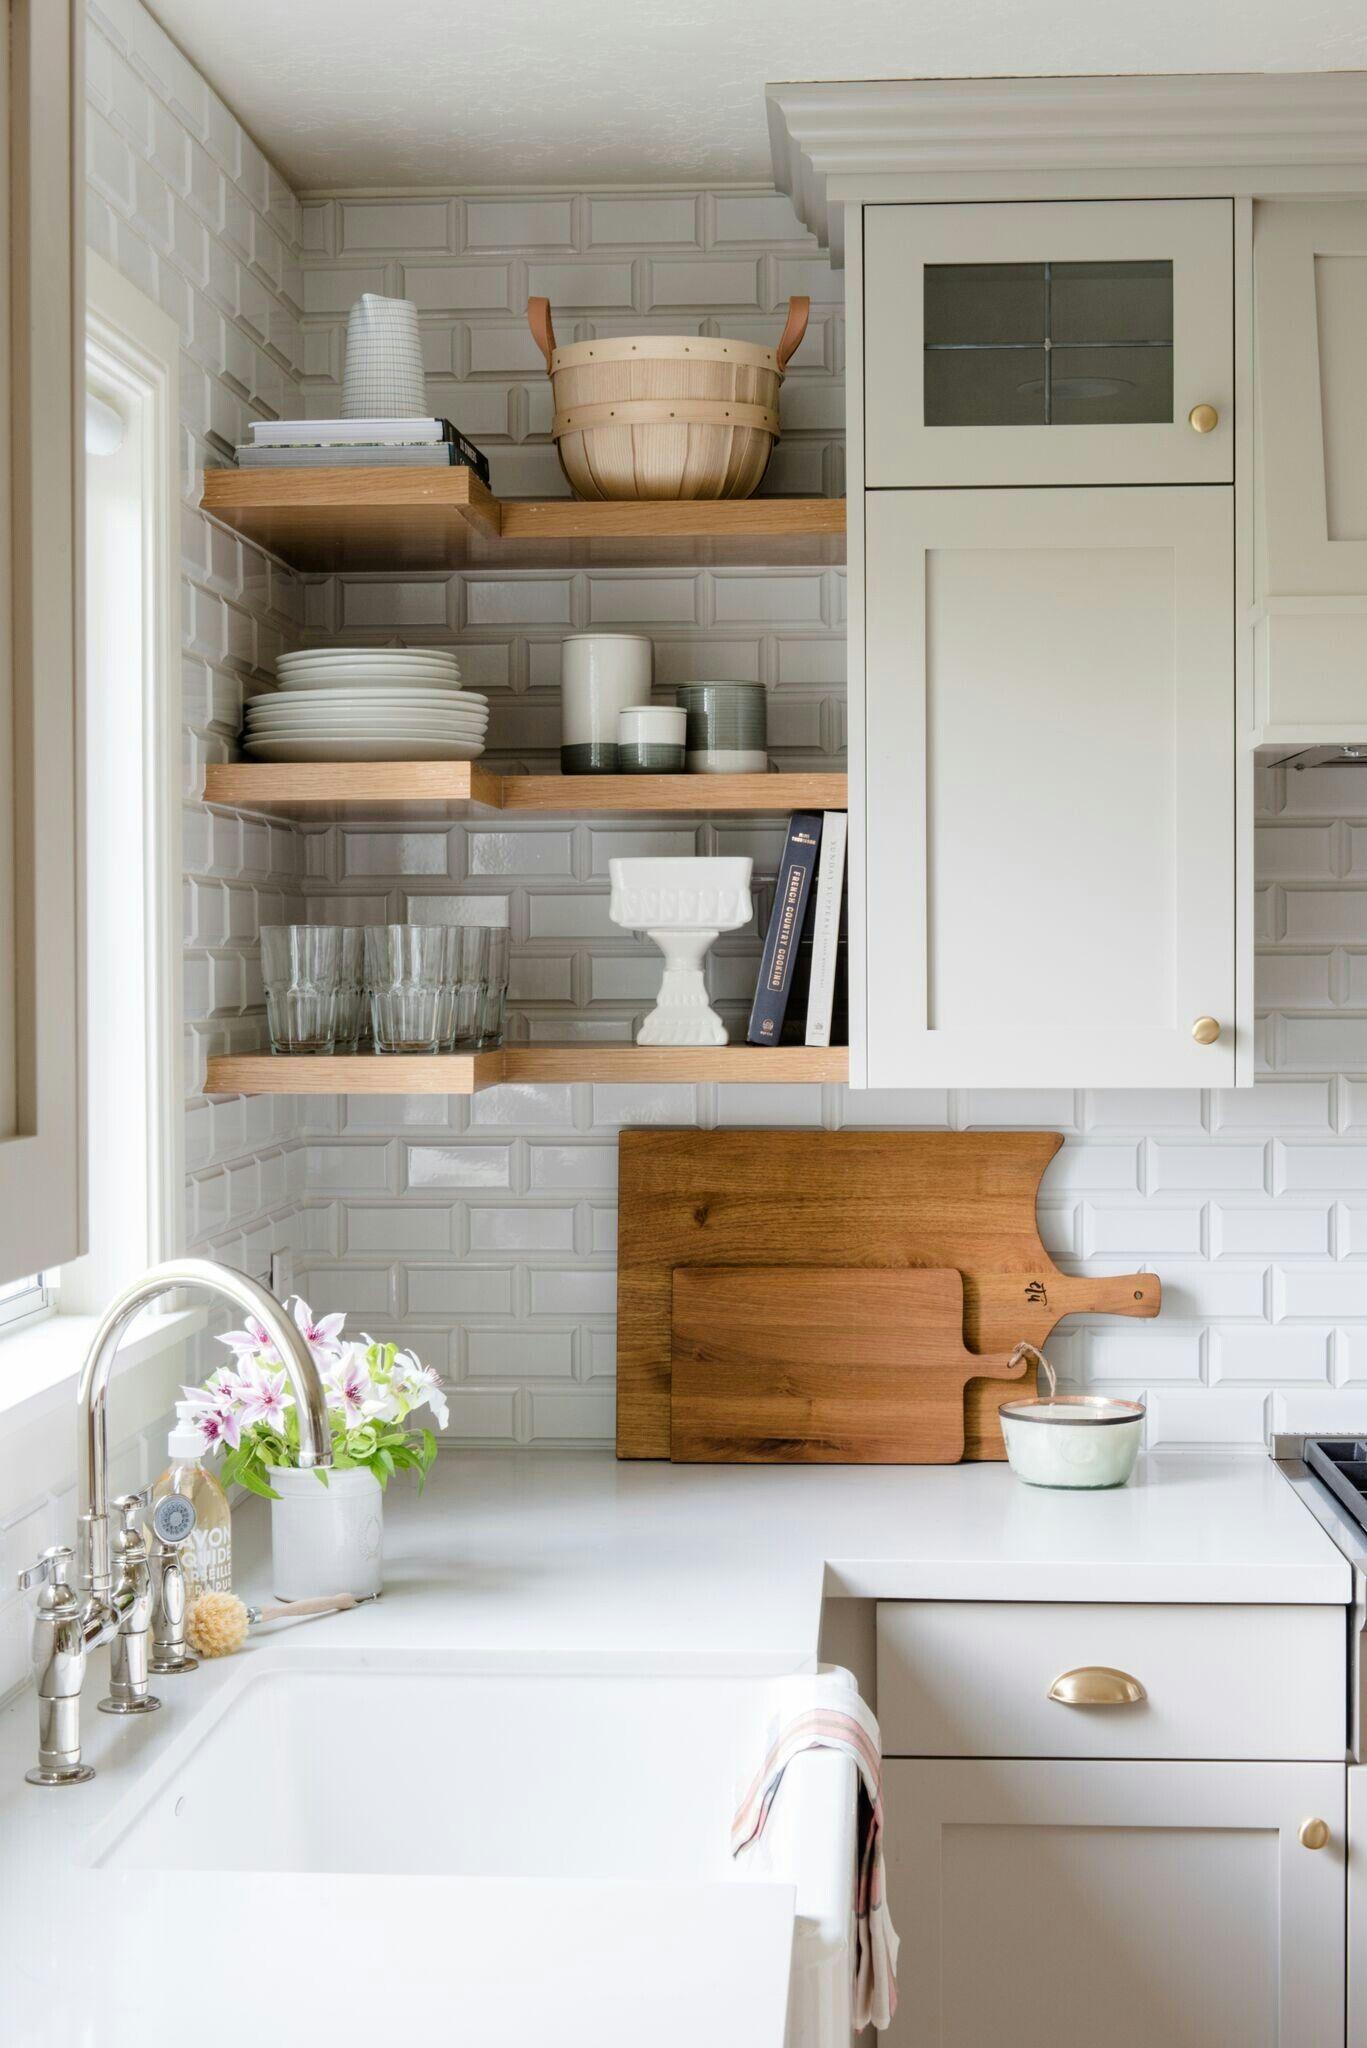 Kitchen Shelving/fayanslar Wohnen, Französisches Bauernhaus, Küche  Renovieren, Waschraum, Küchen Inspiration